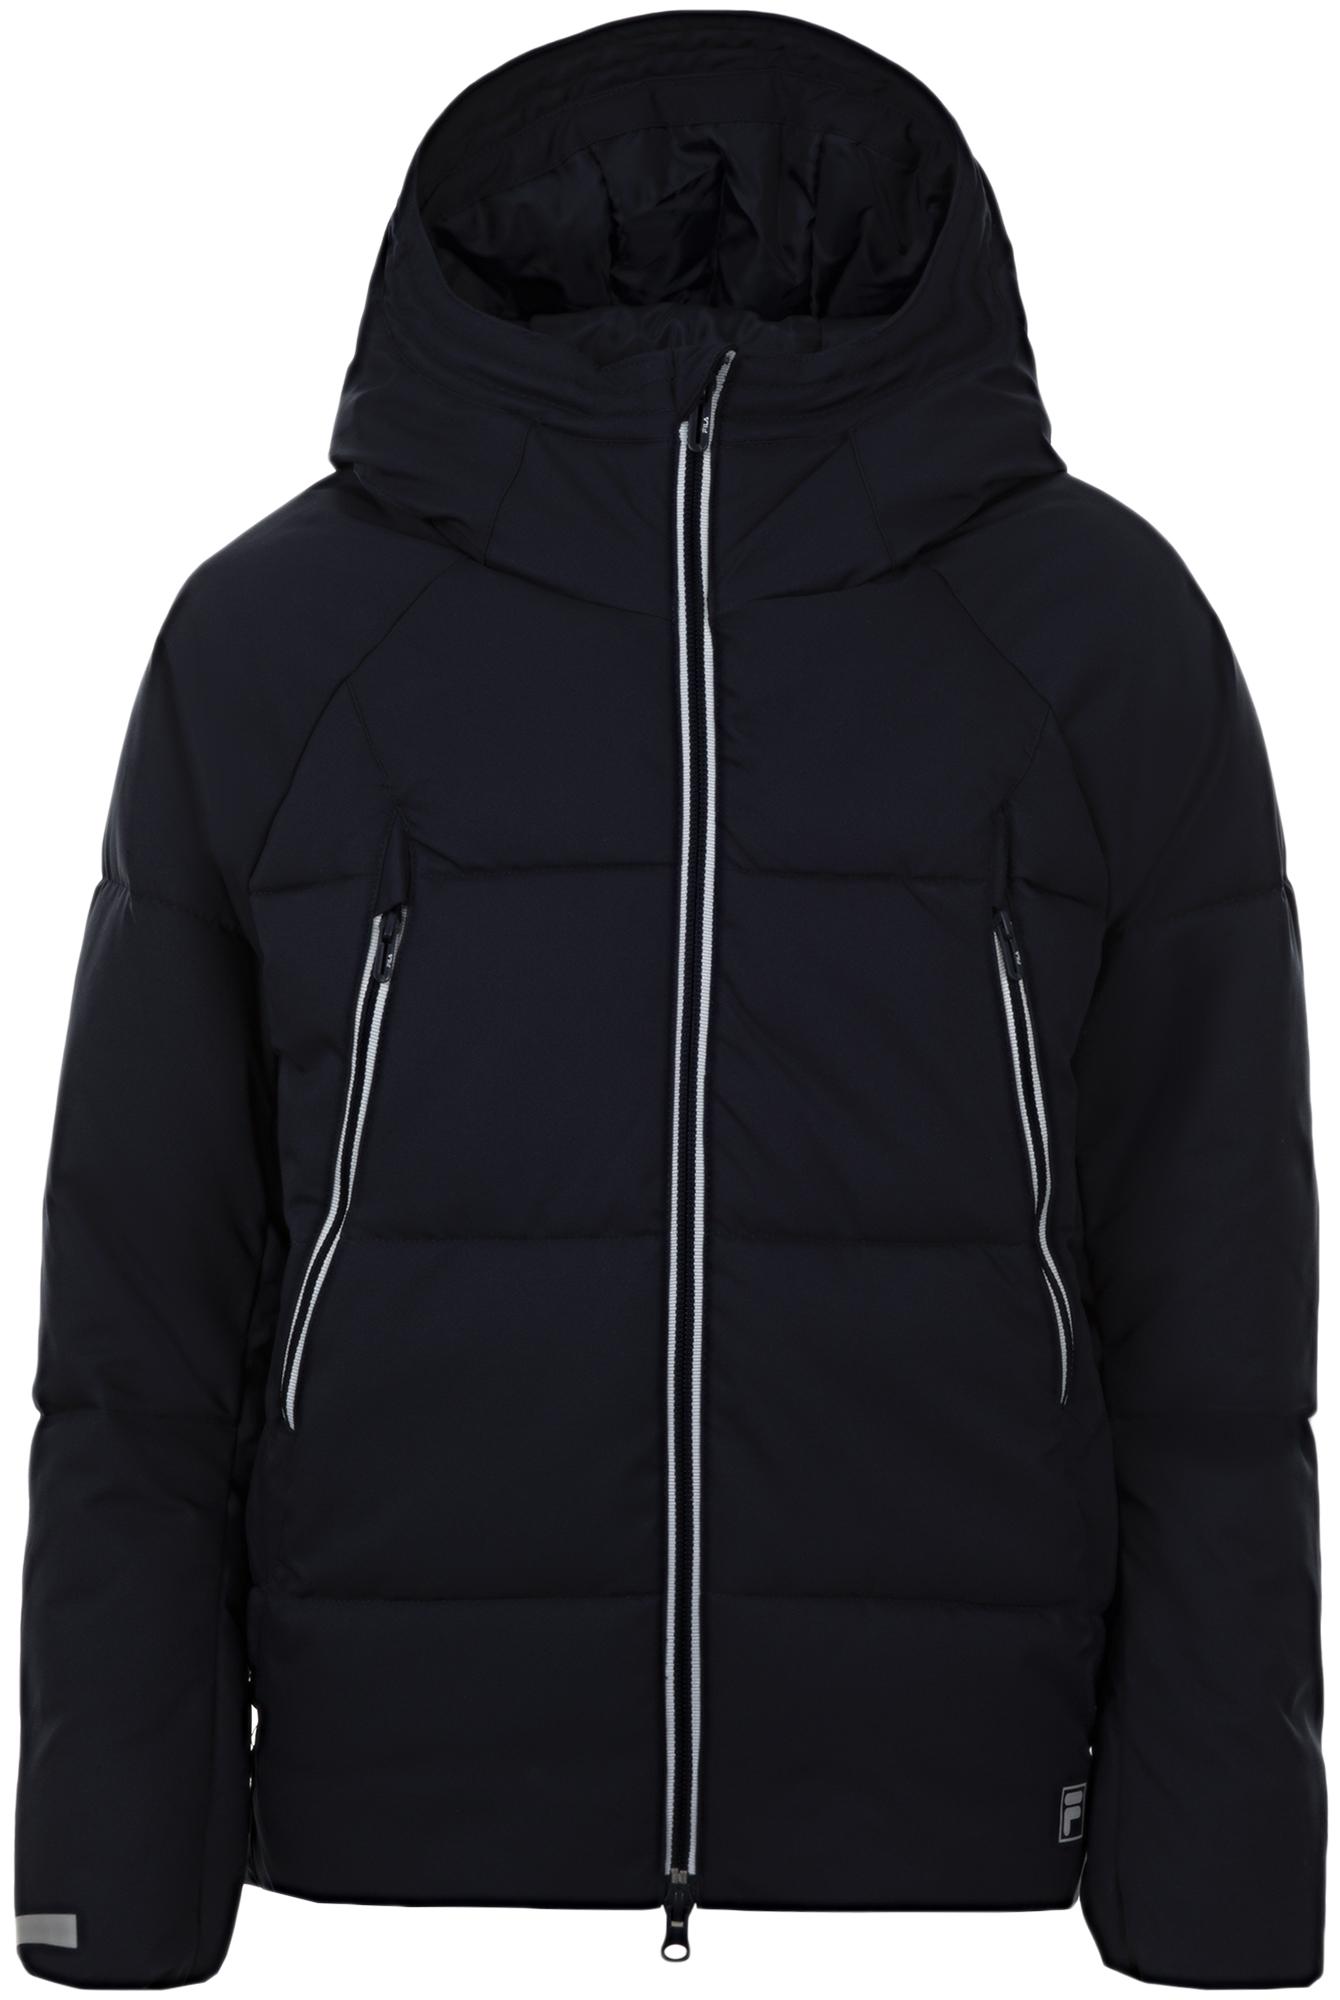 Fila Куртка утепленная для мальчиков Fila, размер 140